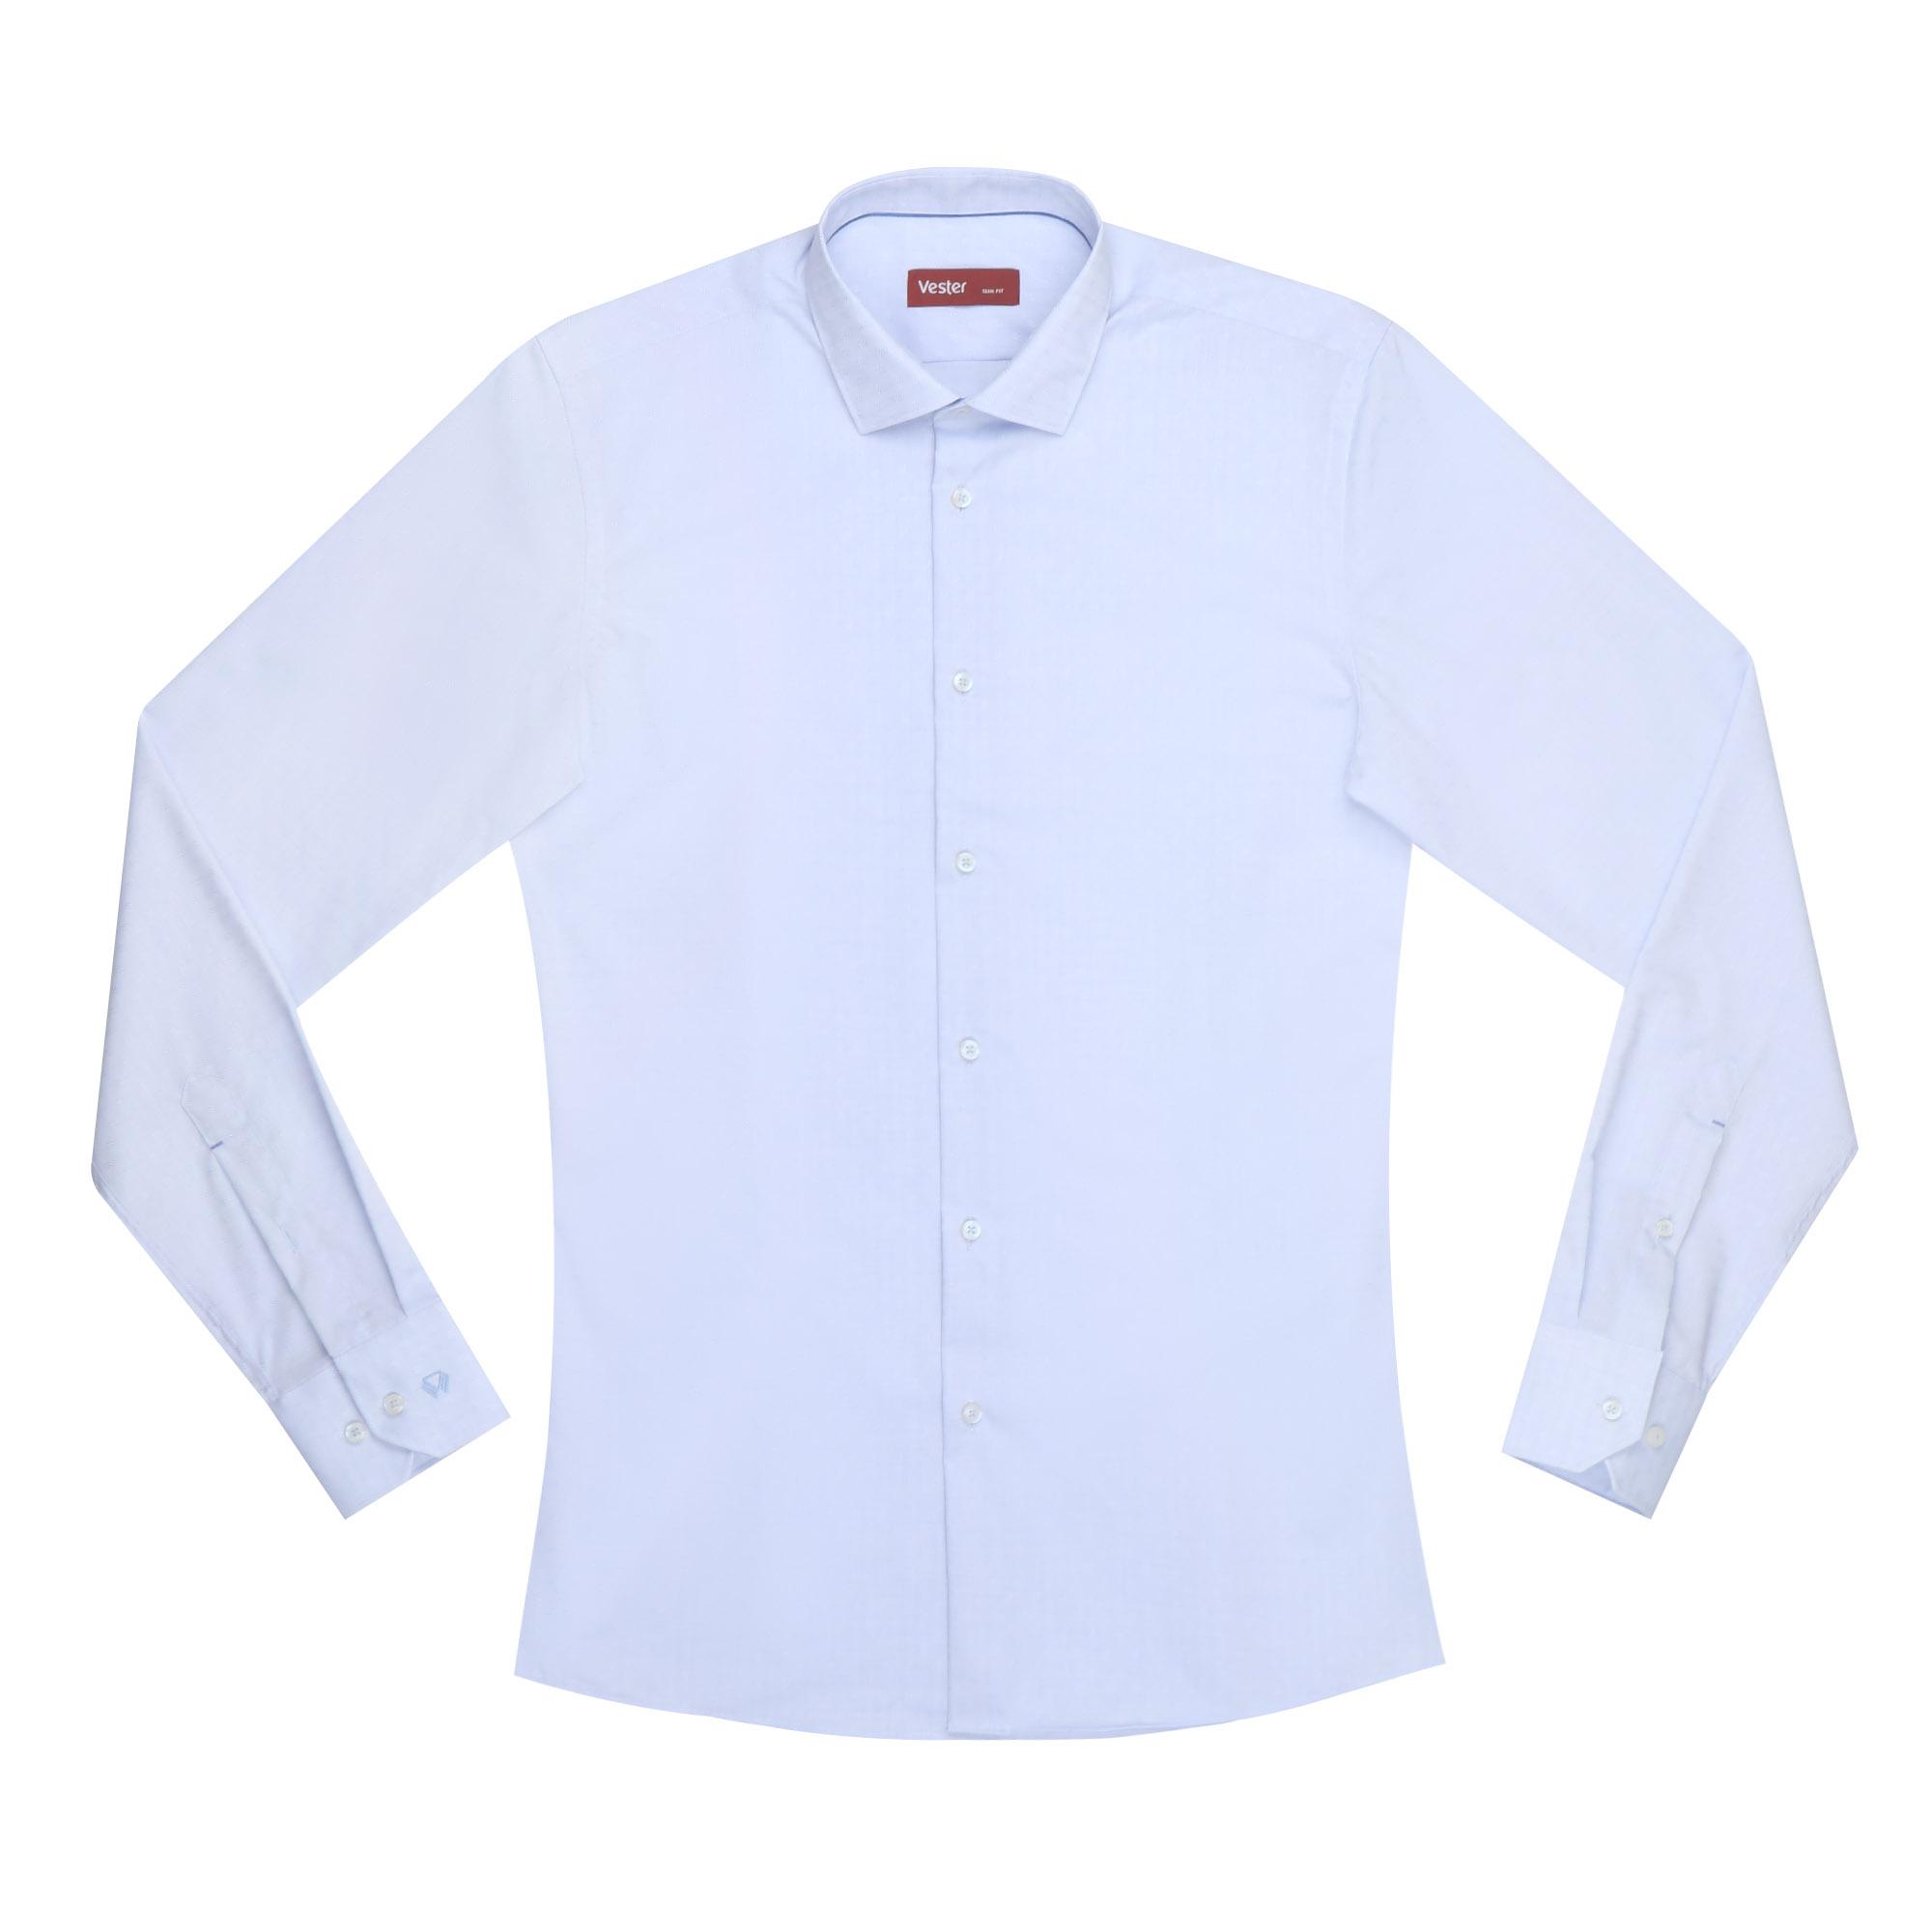 Сорочка мужская Vester 18816 голубая 41S 176-182 сорочка мужская vester 43с 182 188 небесно голубая